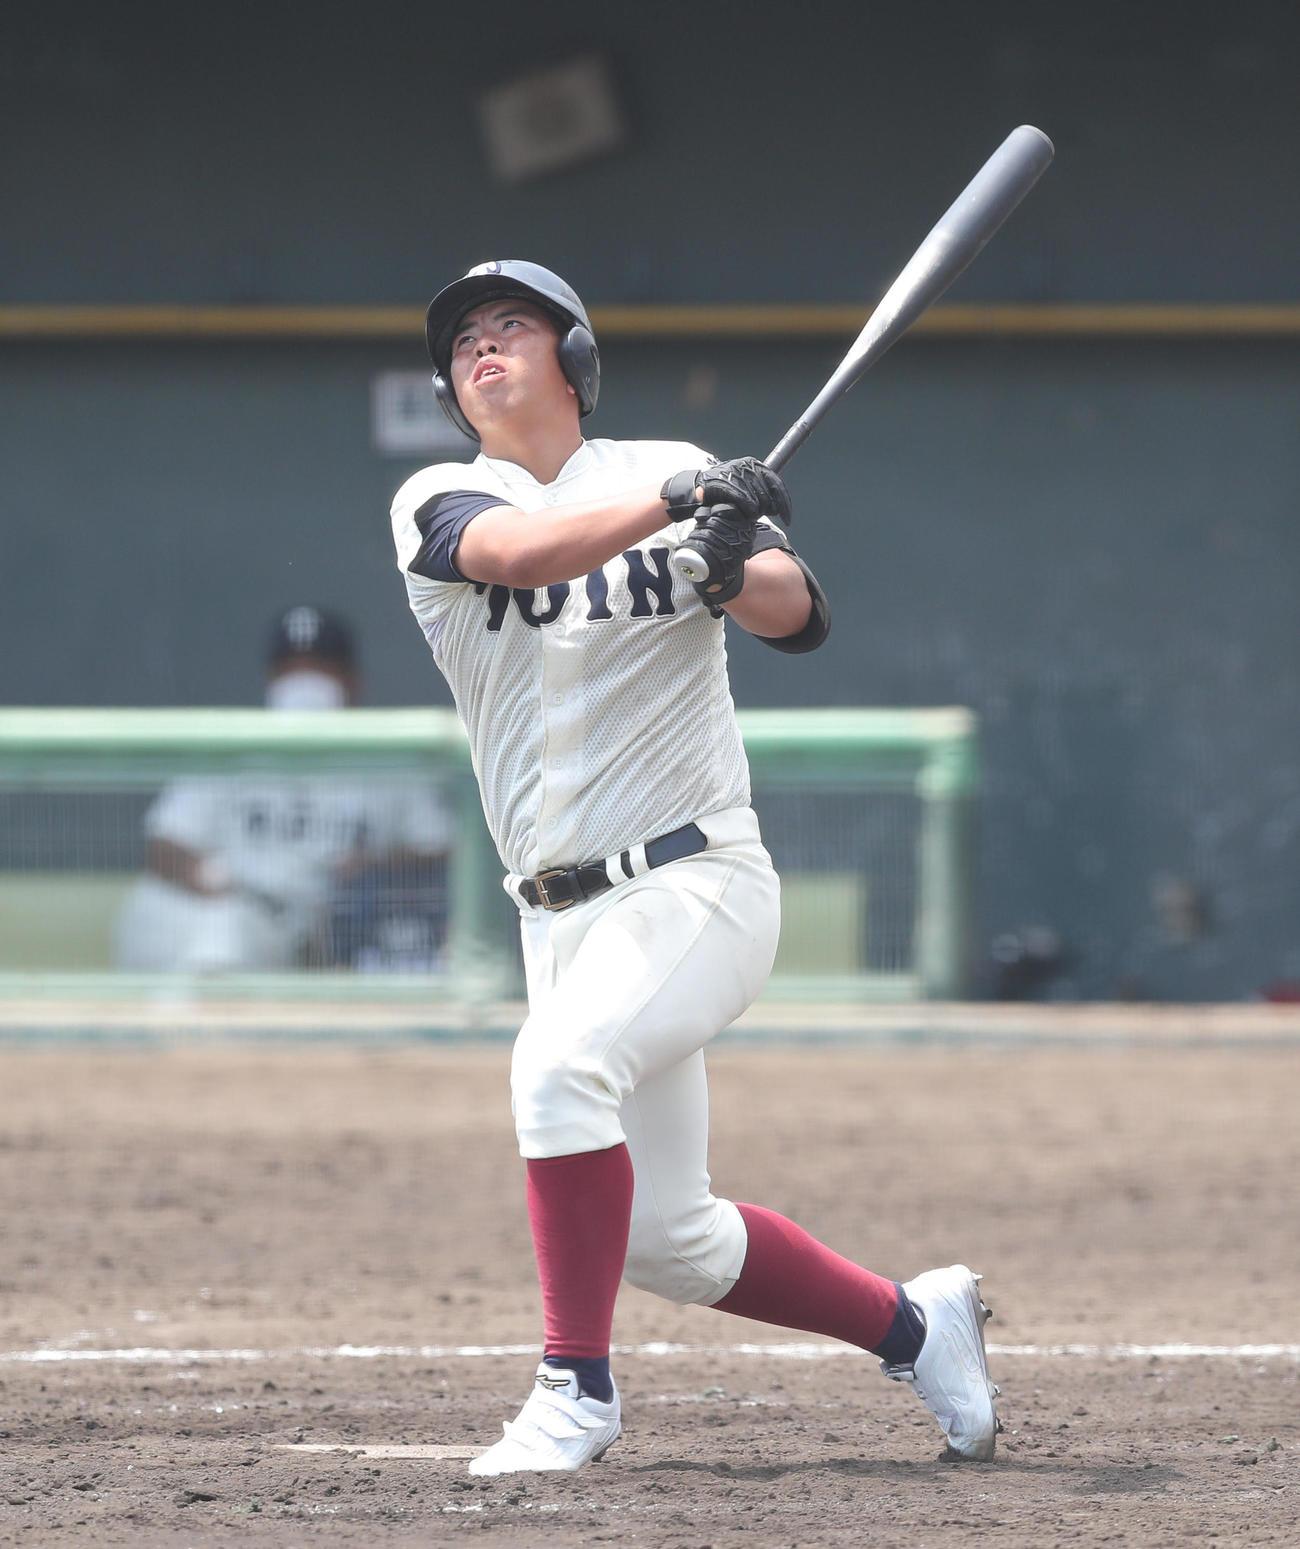 5回表大阪桐蔭1死二塁、左飛に倒れる西野(撮影・前田充)